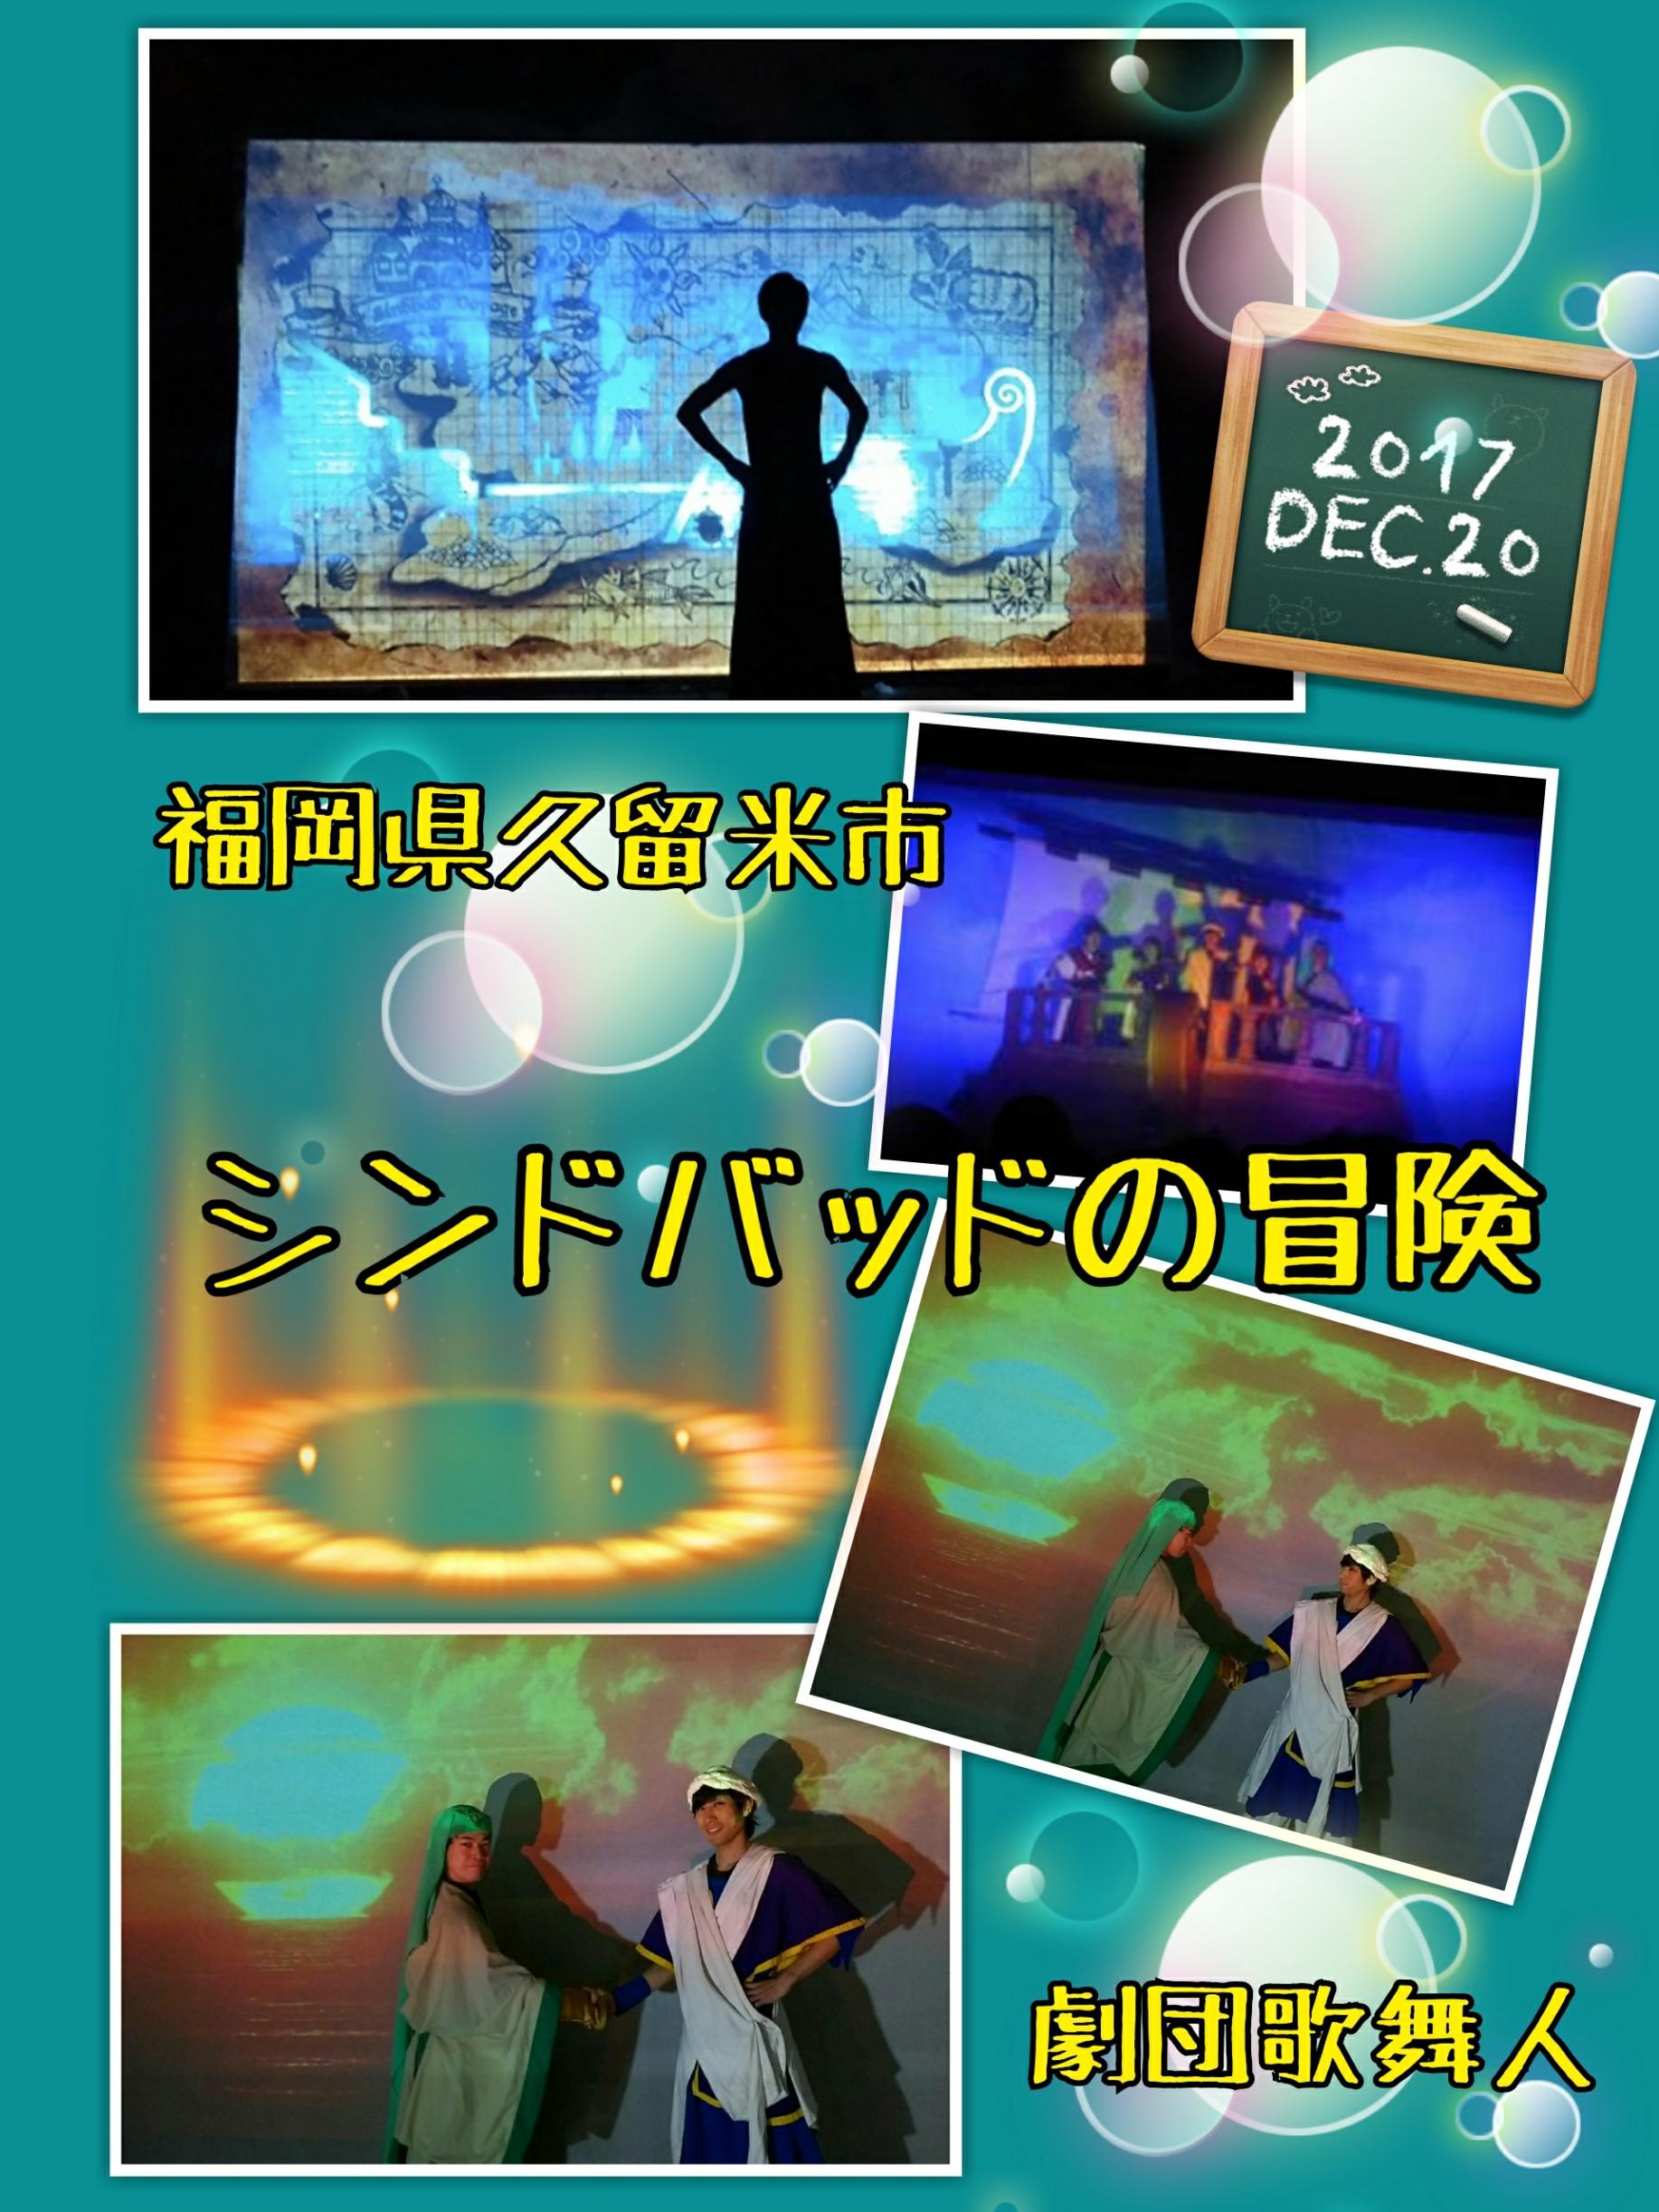 moblog_03d5125a.jpg